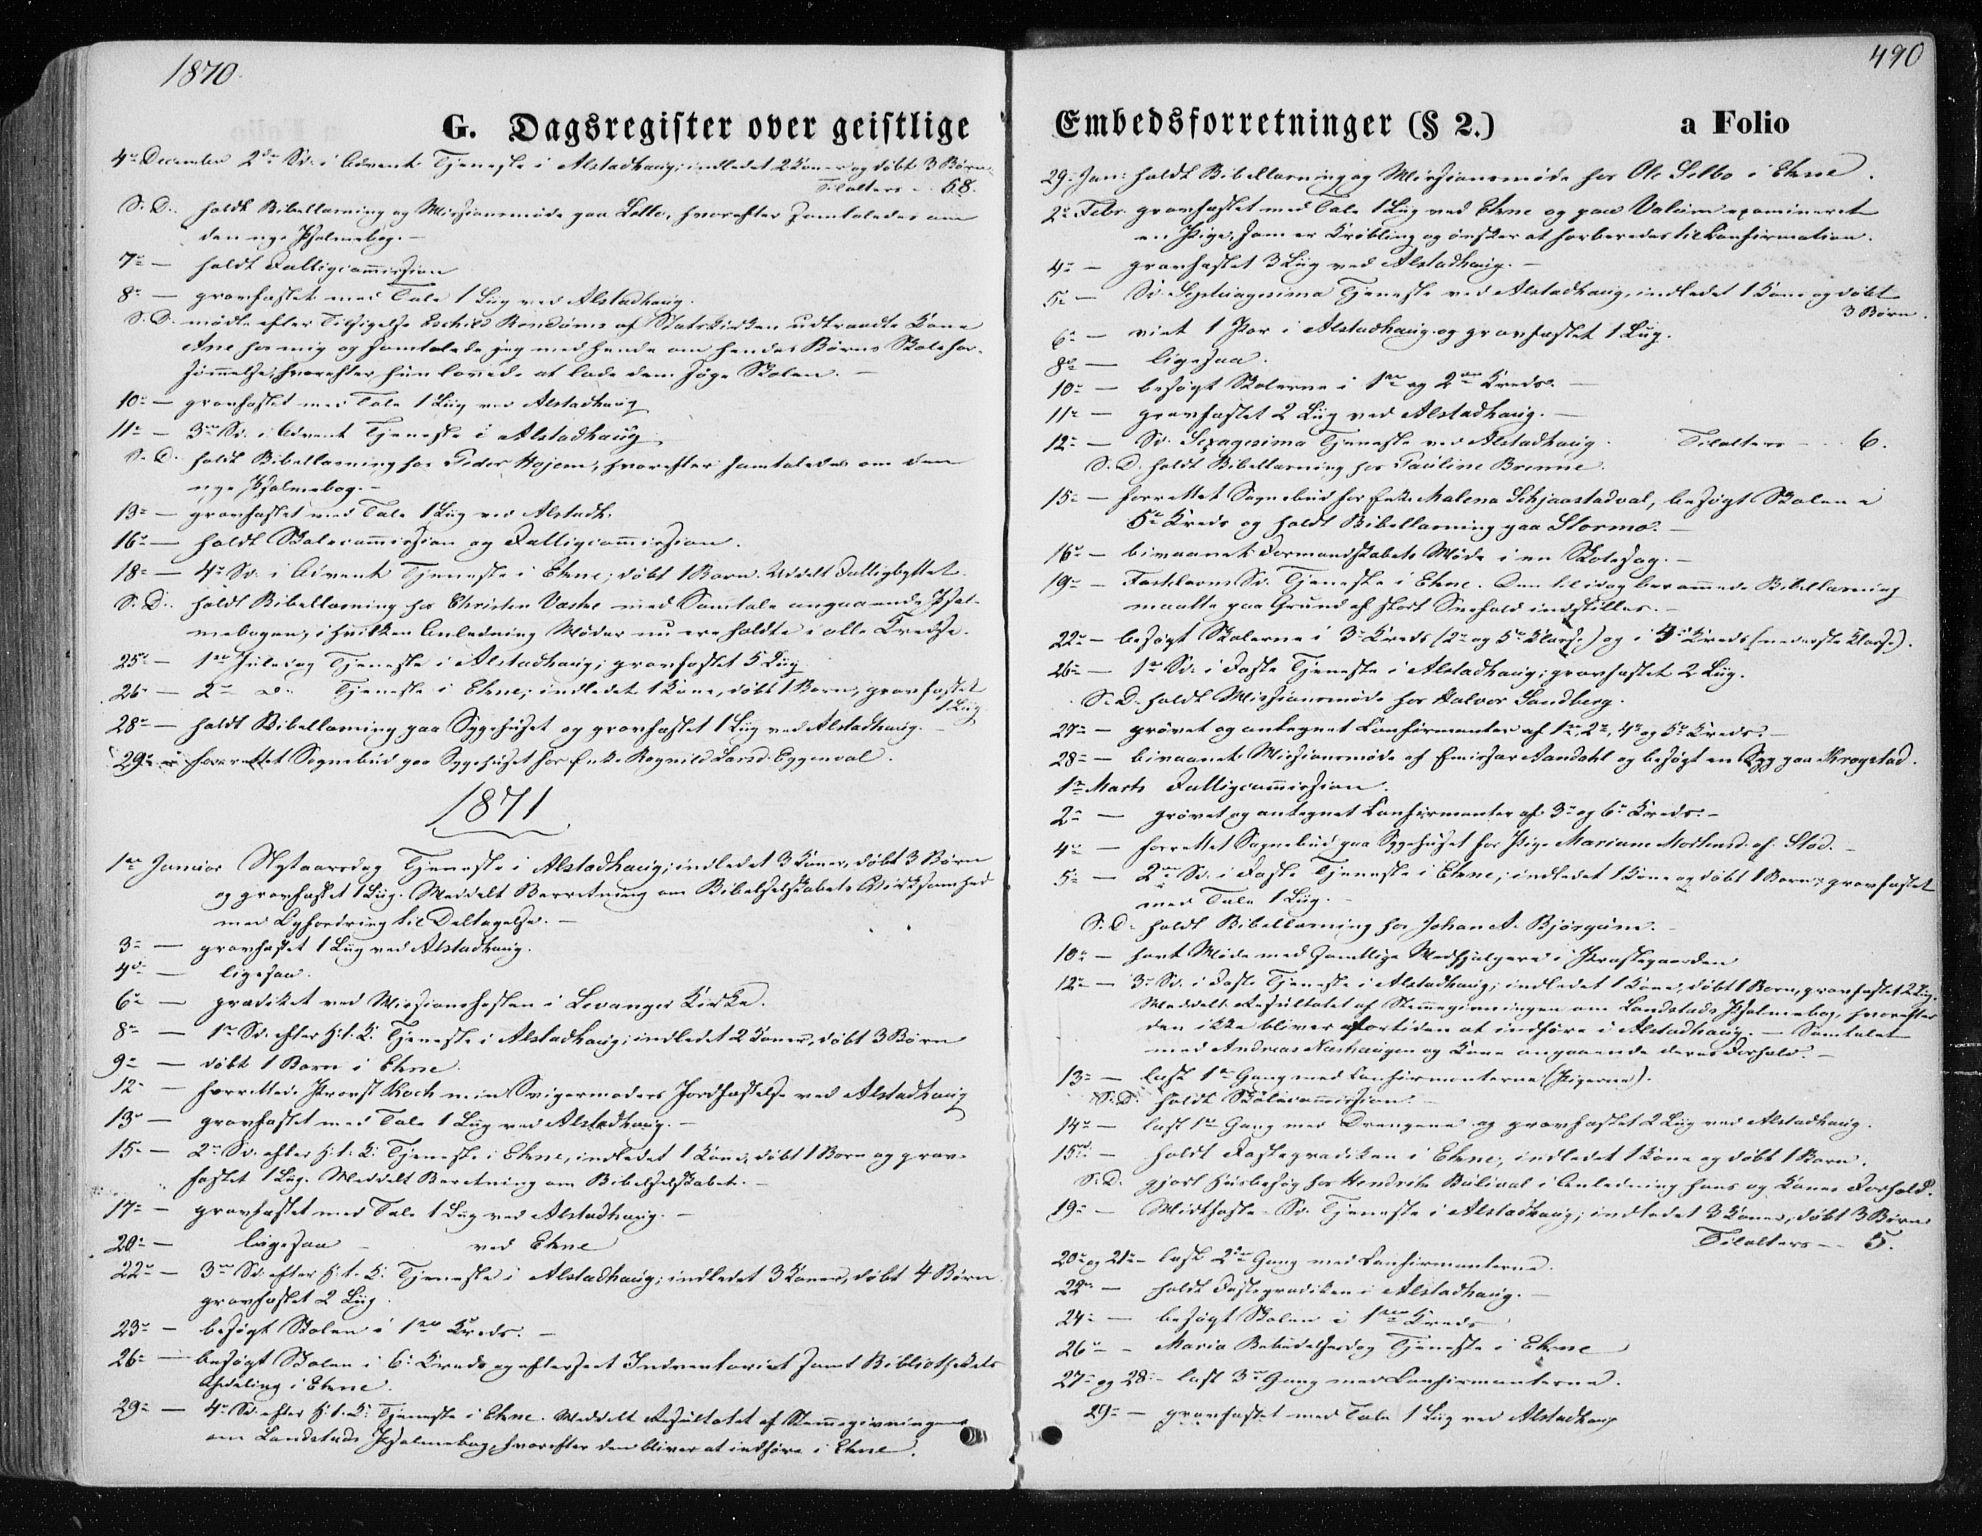 SAT, Ministerialprotokoller, klokkerbøker og fødselsregistre - Nord-Trøndelag, 717/L0157: Ministerialbok nr. 717A08 /1, 1863-1877, s. 490